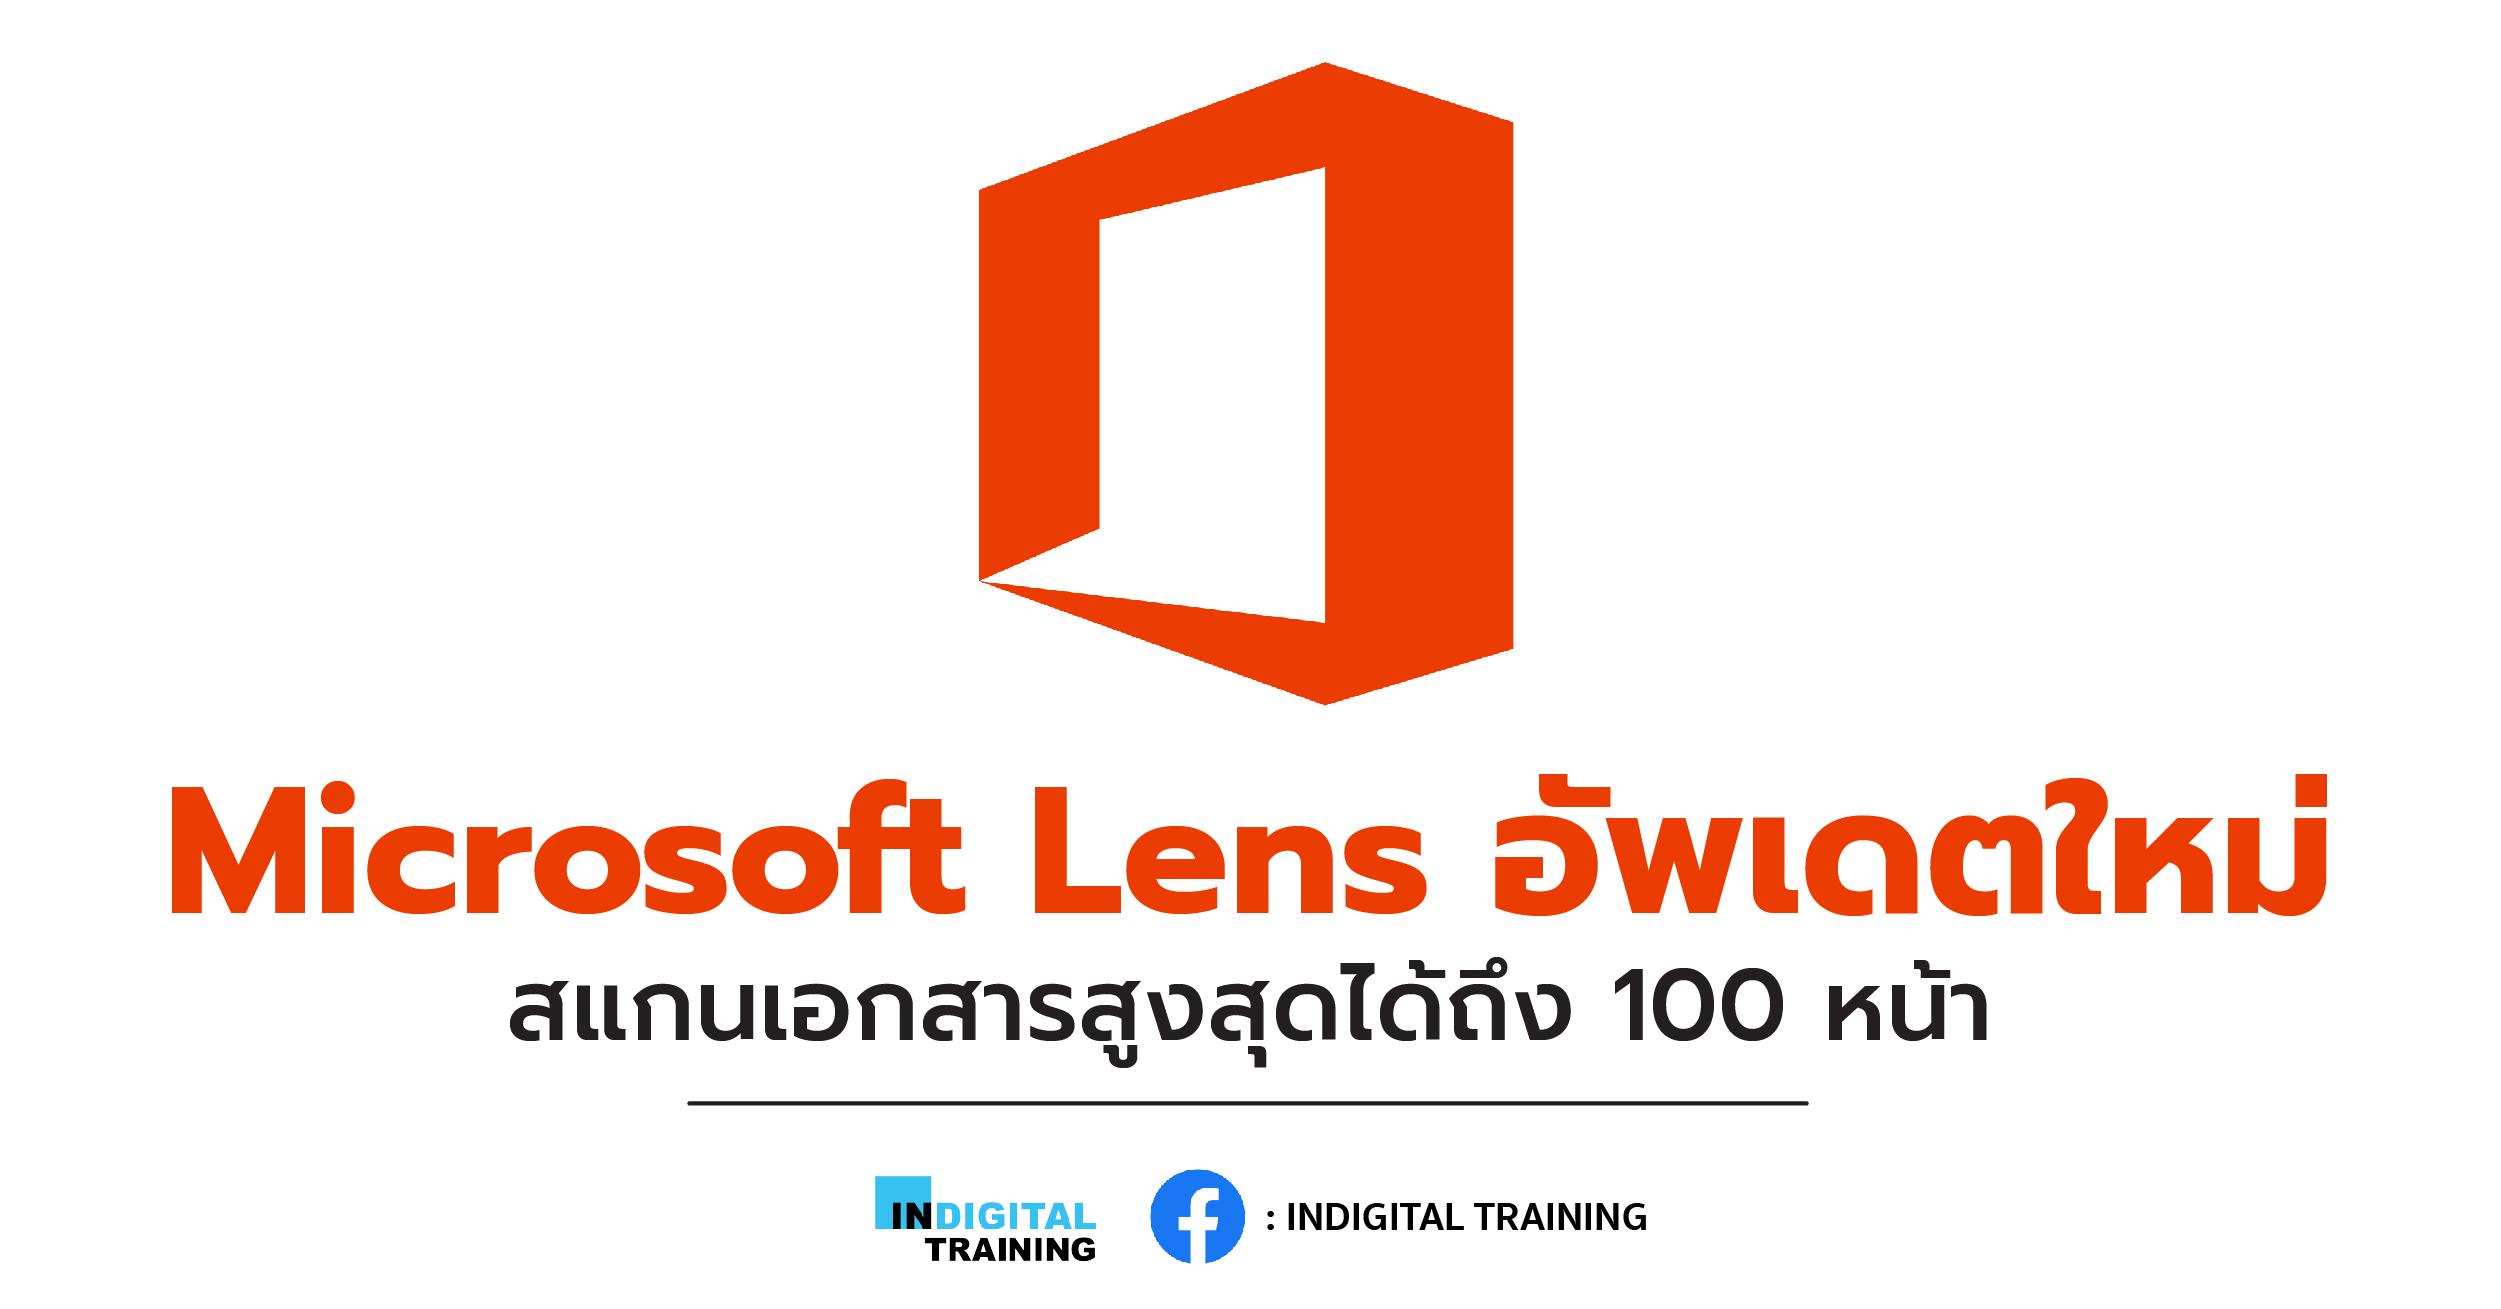 Microsoft, Microsoft Lens, Office Lens, Microsoft Lens อัพเดตใหม่ สแกนเอกสารสูงสุดได้ถึง 100 หน้า